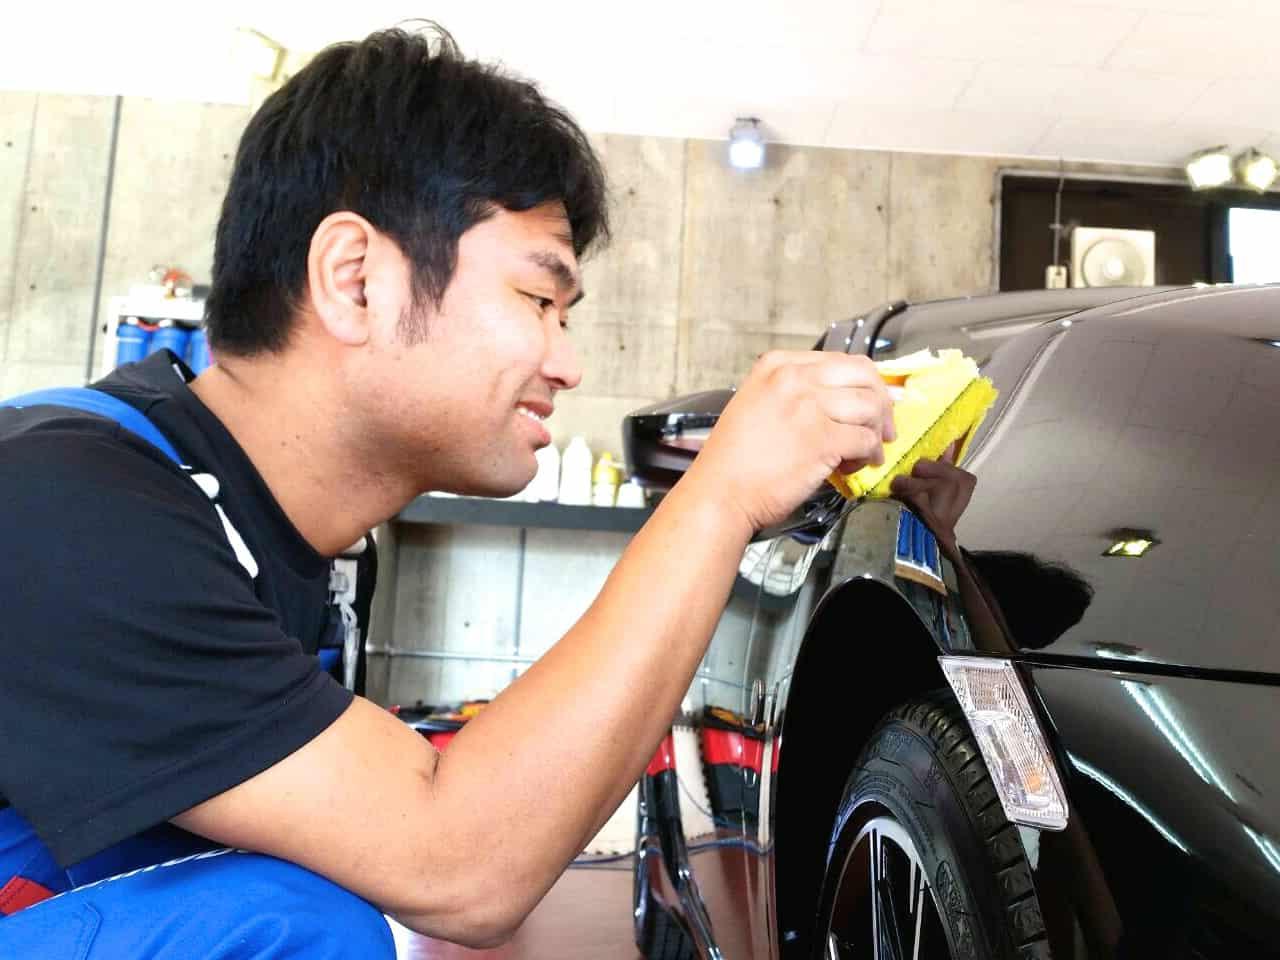 洗車工房のスタッフが1番気を付けている事。 それは「あなたの愛車を大切に取り扱う」ということです。